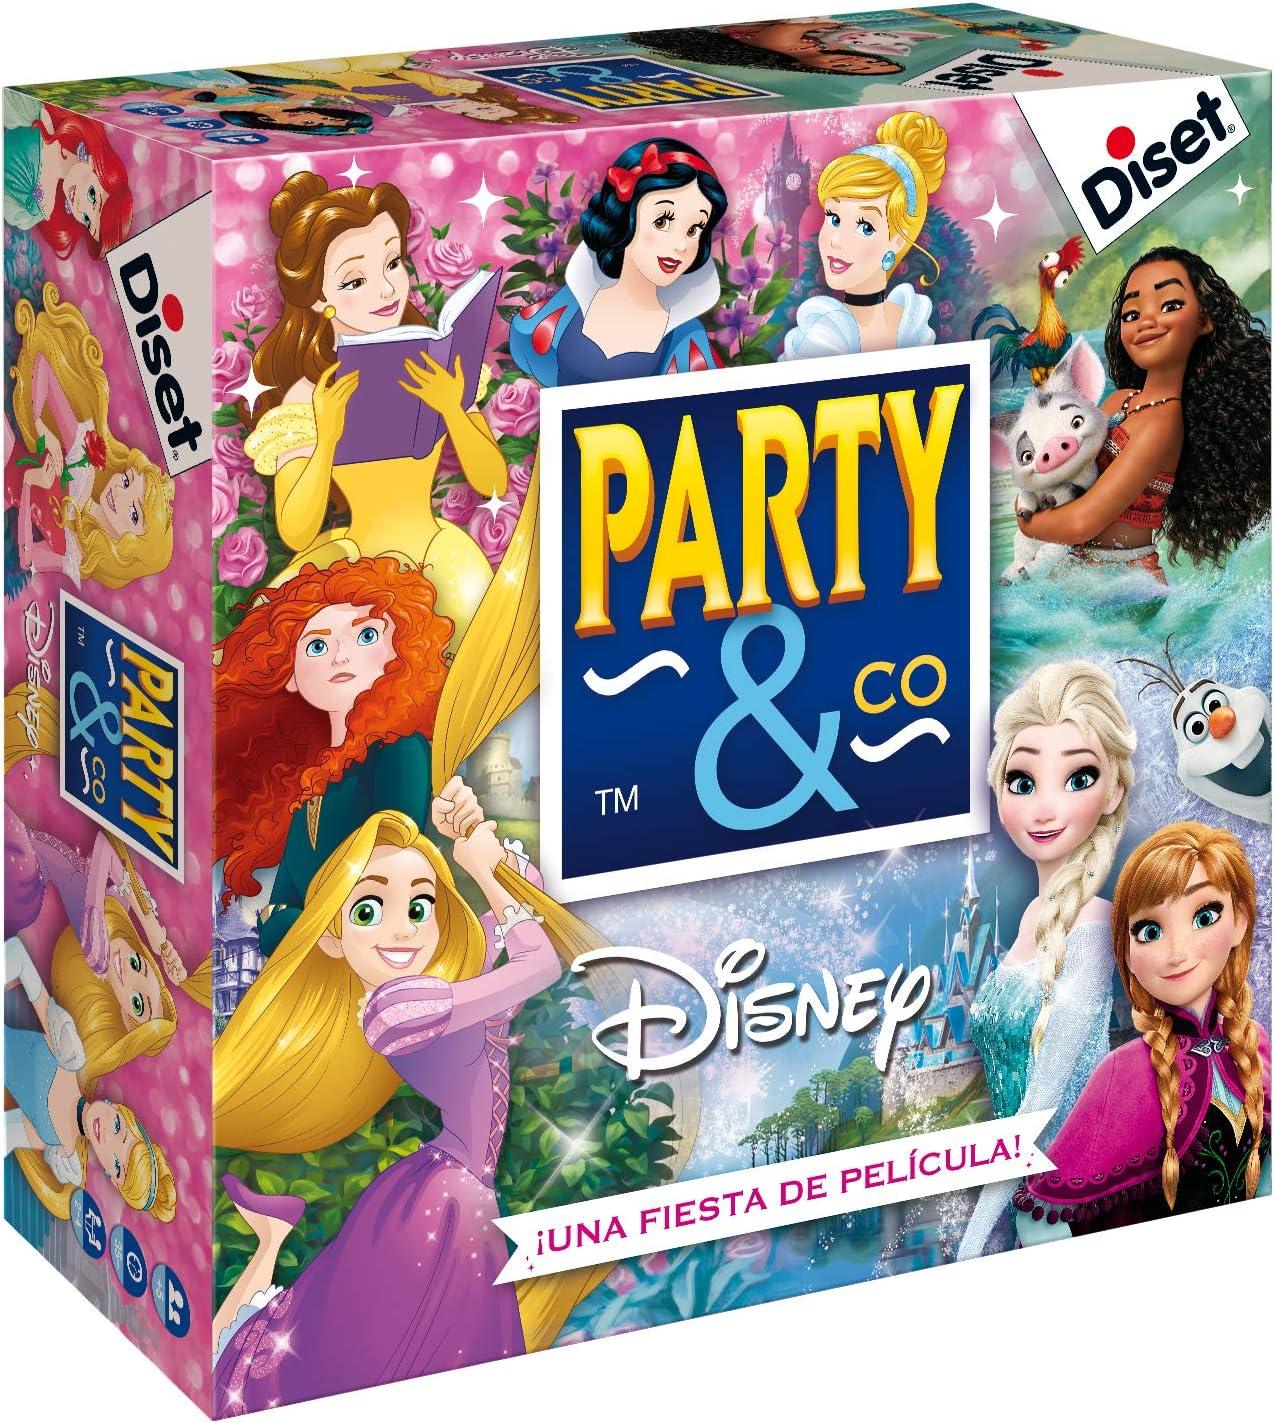 Diset - Party & Co Disney princesas (46506)